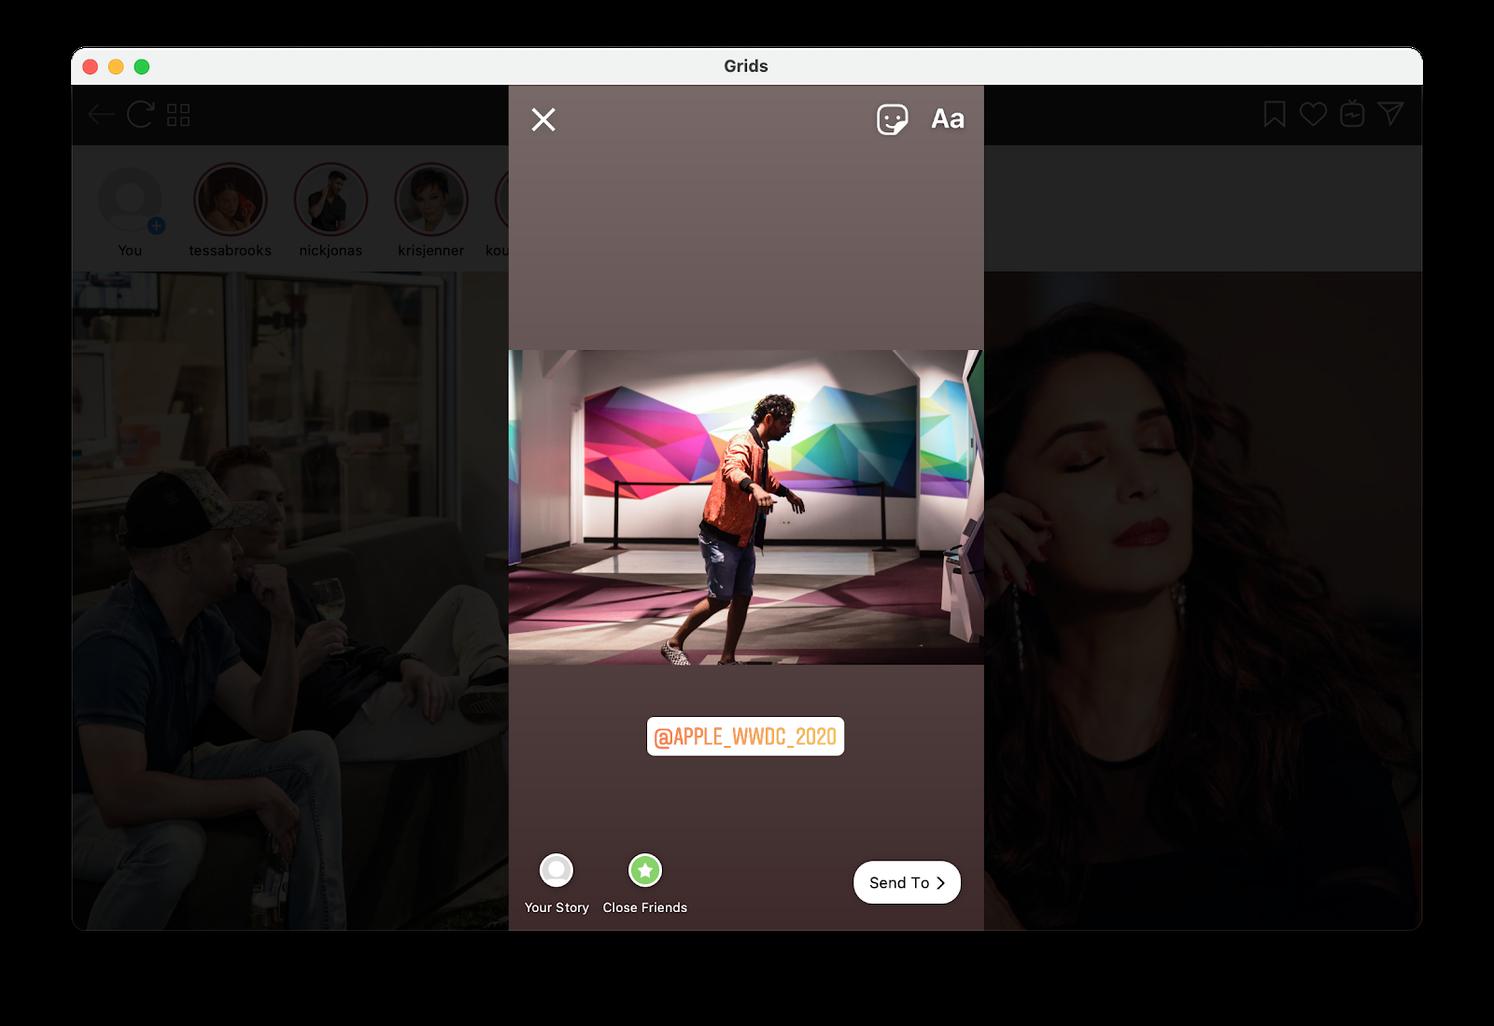 Post to Instagram from Mac desktop